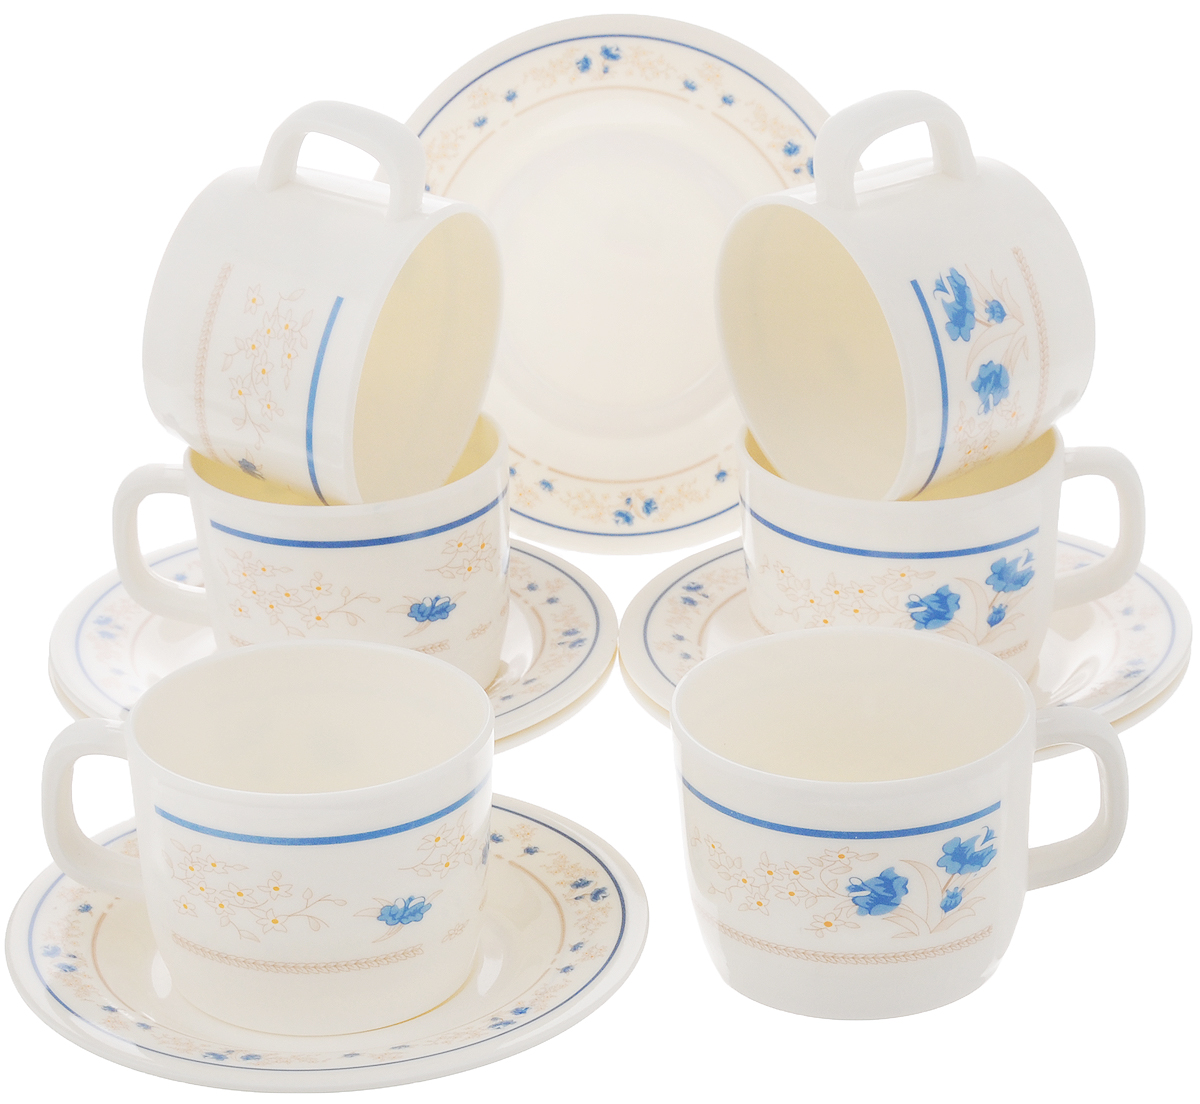 Набор чайный Calve, цвет: белый, синий, 12 предметовCL-2509_белый, синий цветокЧайный набор Calve состоит из шести чашек и шести блюдец, выполненных из меламина. Изделия оформлены ярким рисунком. Изящный набор эффектно украсит стол к чаепитию и порадует вас функциональностью и ярким дизайном. Можно мыть в посудомоечной машине.Диаметр чашки (по верхнему краю): 8 см.Высота чашки: 6 см.Объем чашки: 240 мл. Диаметр блюдца: 14,5 см.Высота блюдца: 1,5 см.